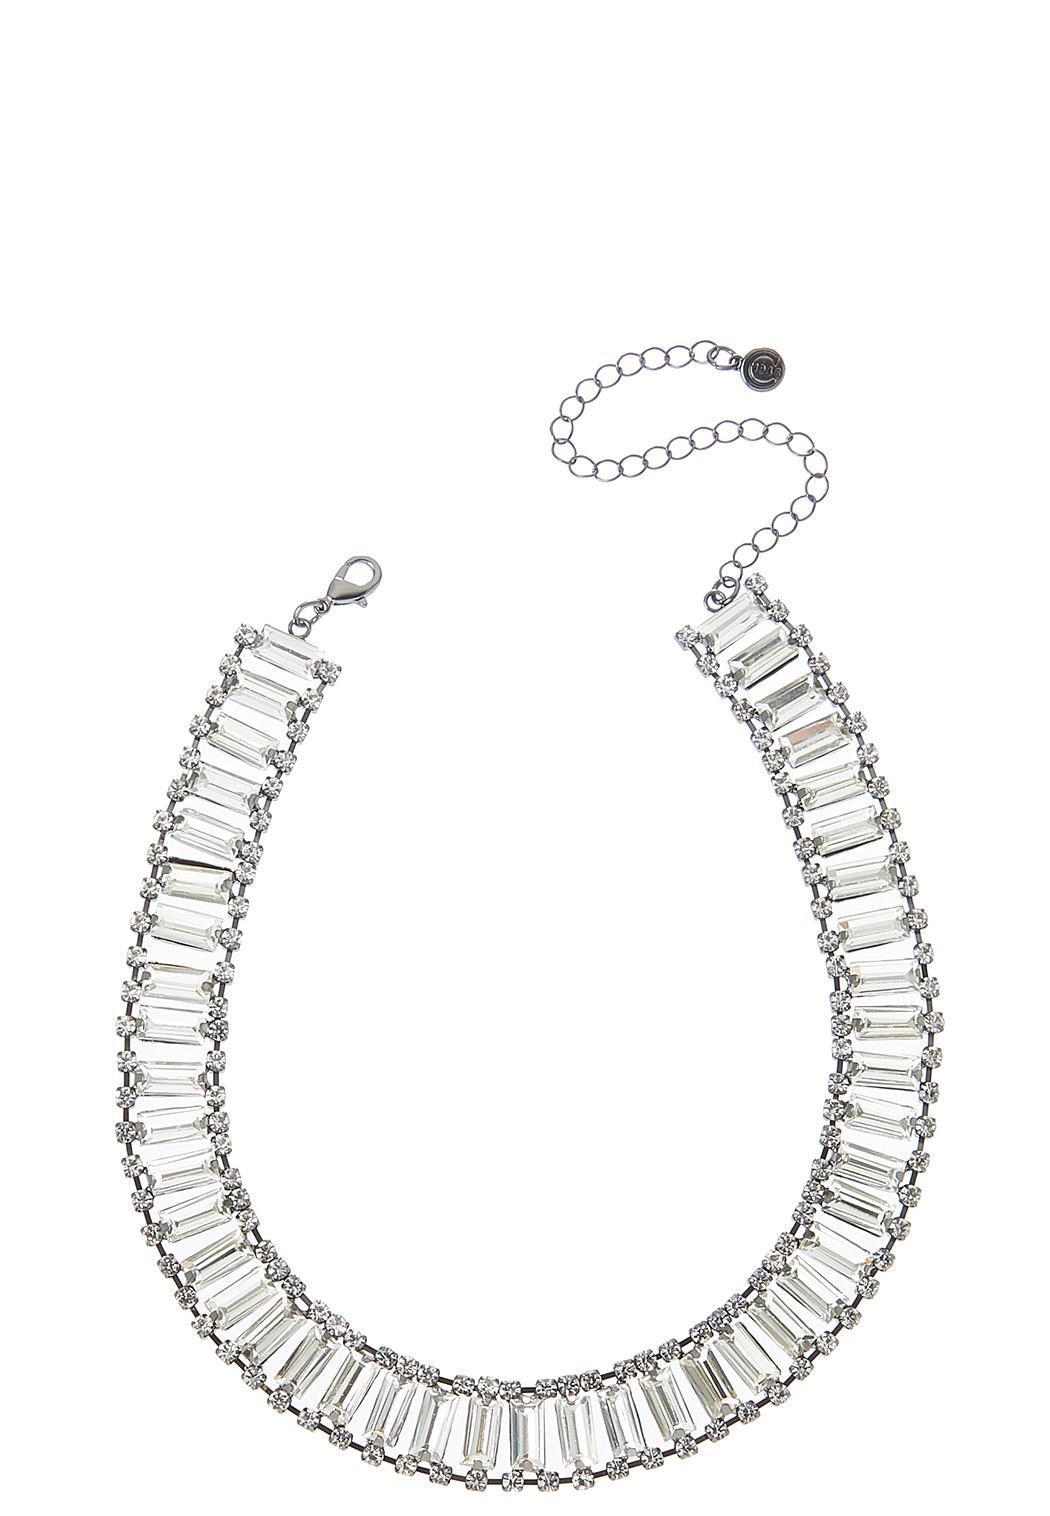 Glass Rhinestone Choker Necklace